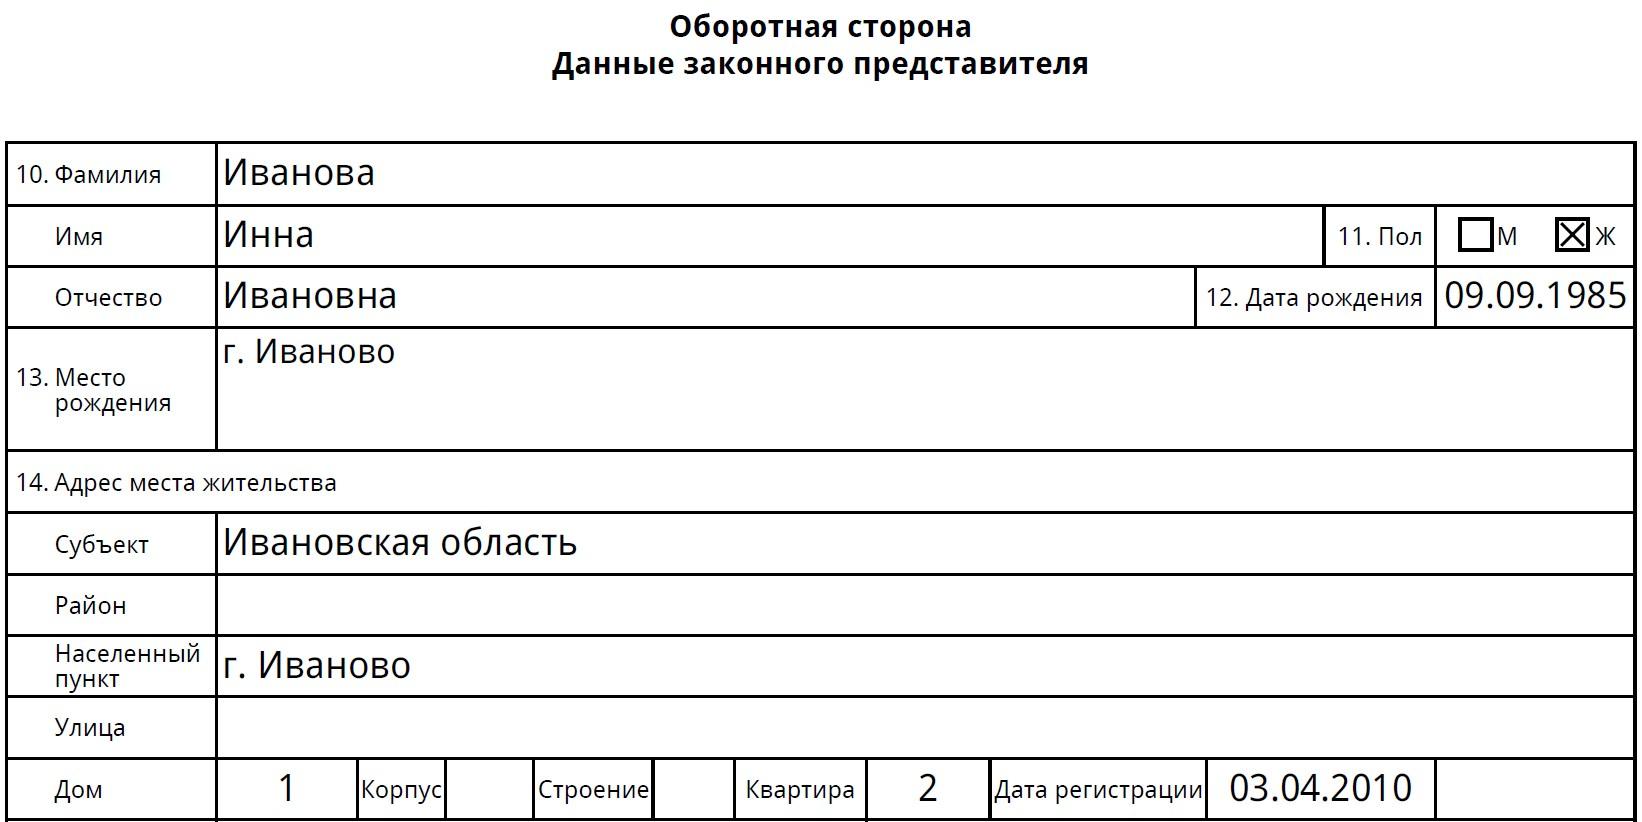 бланк заявление на загранпаспорт образца старого